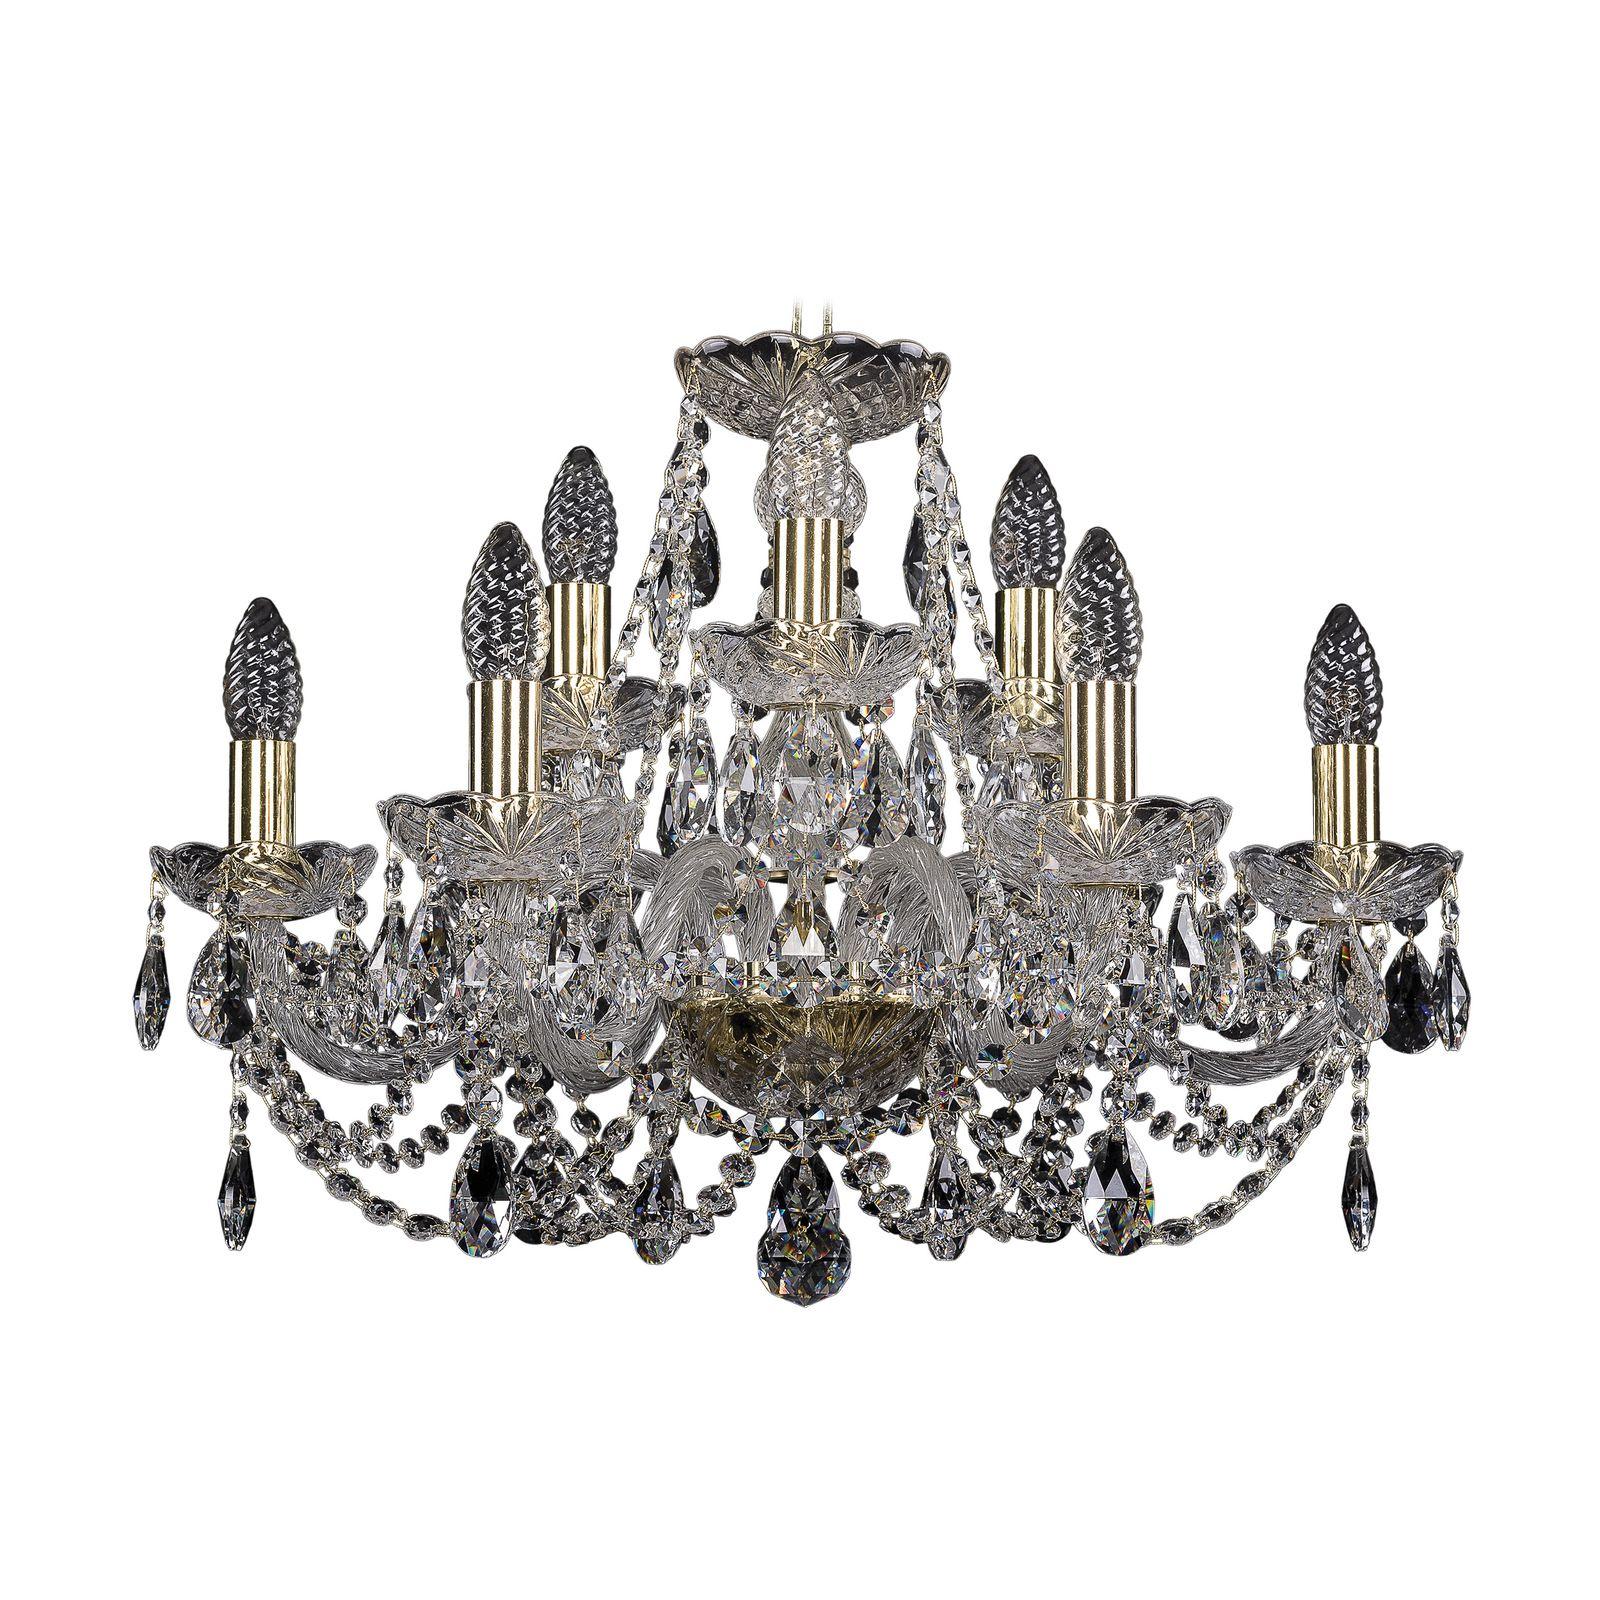 Потолочный светильник Bohemia Ivele Crystal 1406/6+3/195 G, E14, 40 Вт все цены